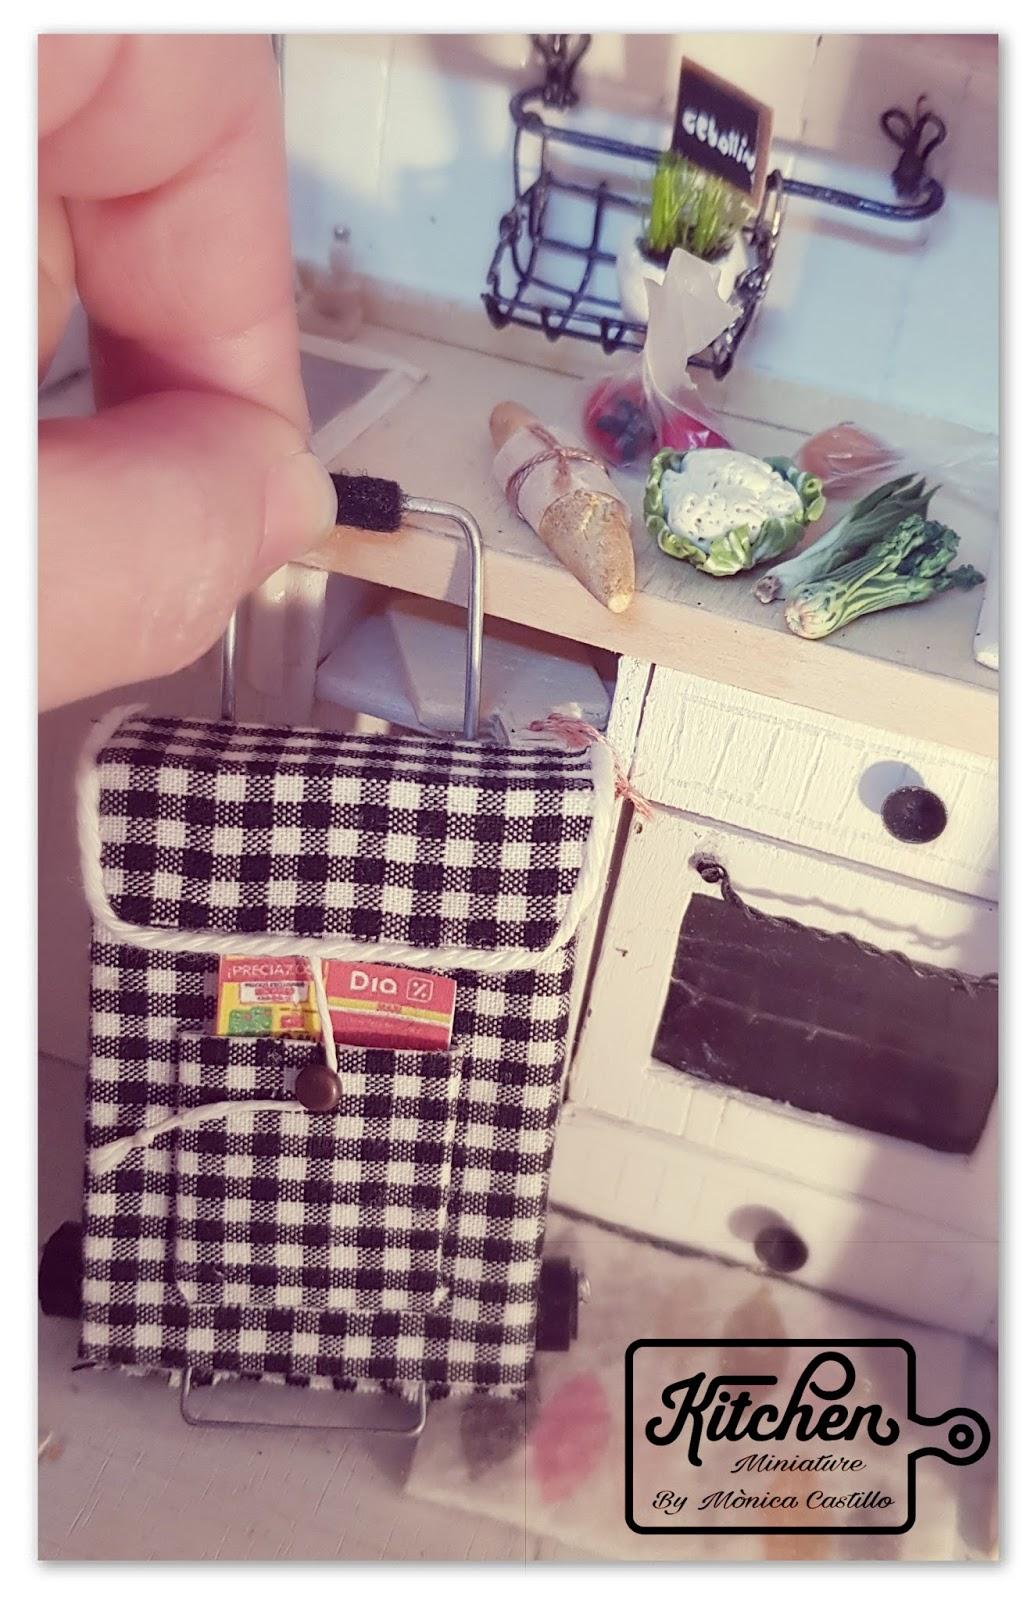 kitchen miniature ikea shaker cabinets y para que este taller sea perfecto incluye un mini lote de productos llenar tu carrito la compra